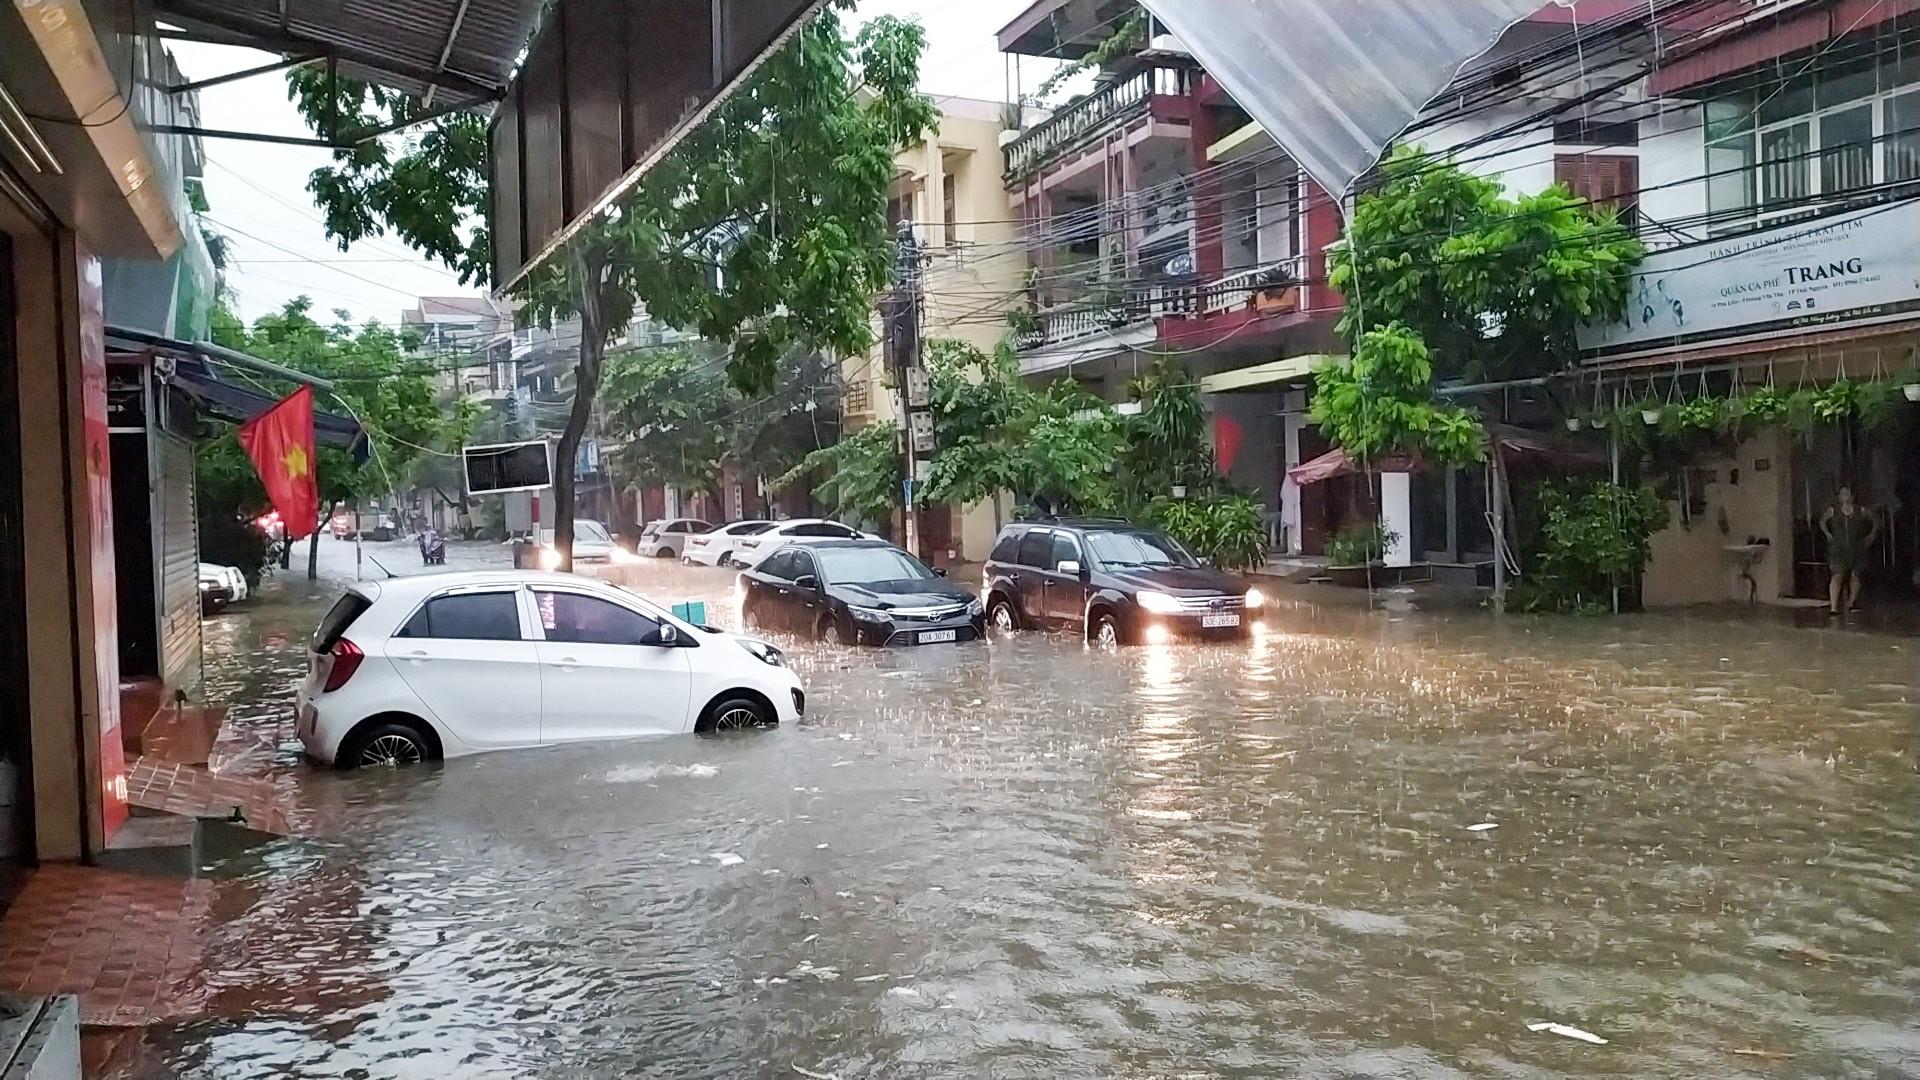 Sau trận mưa lớn kéo dài,  TP Thái Nguyên ngập sâu trong biển nước17